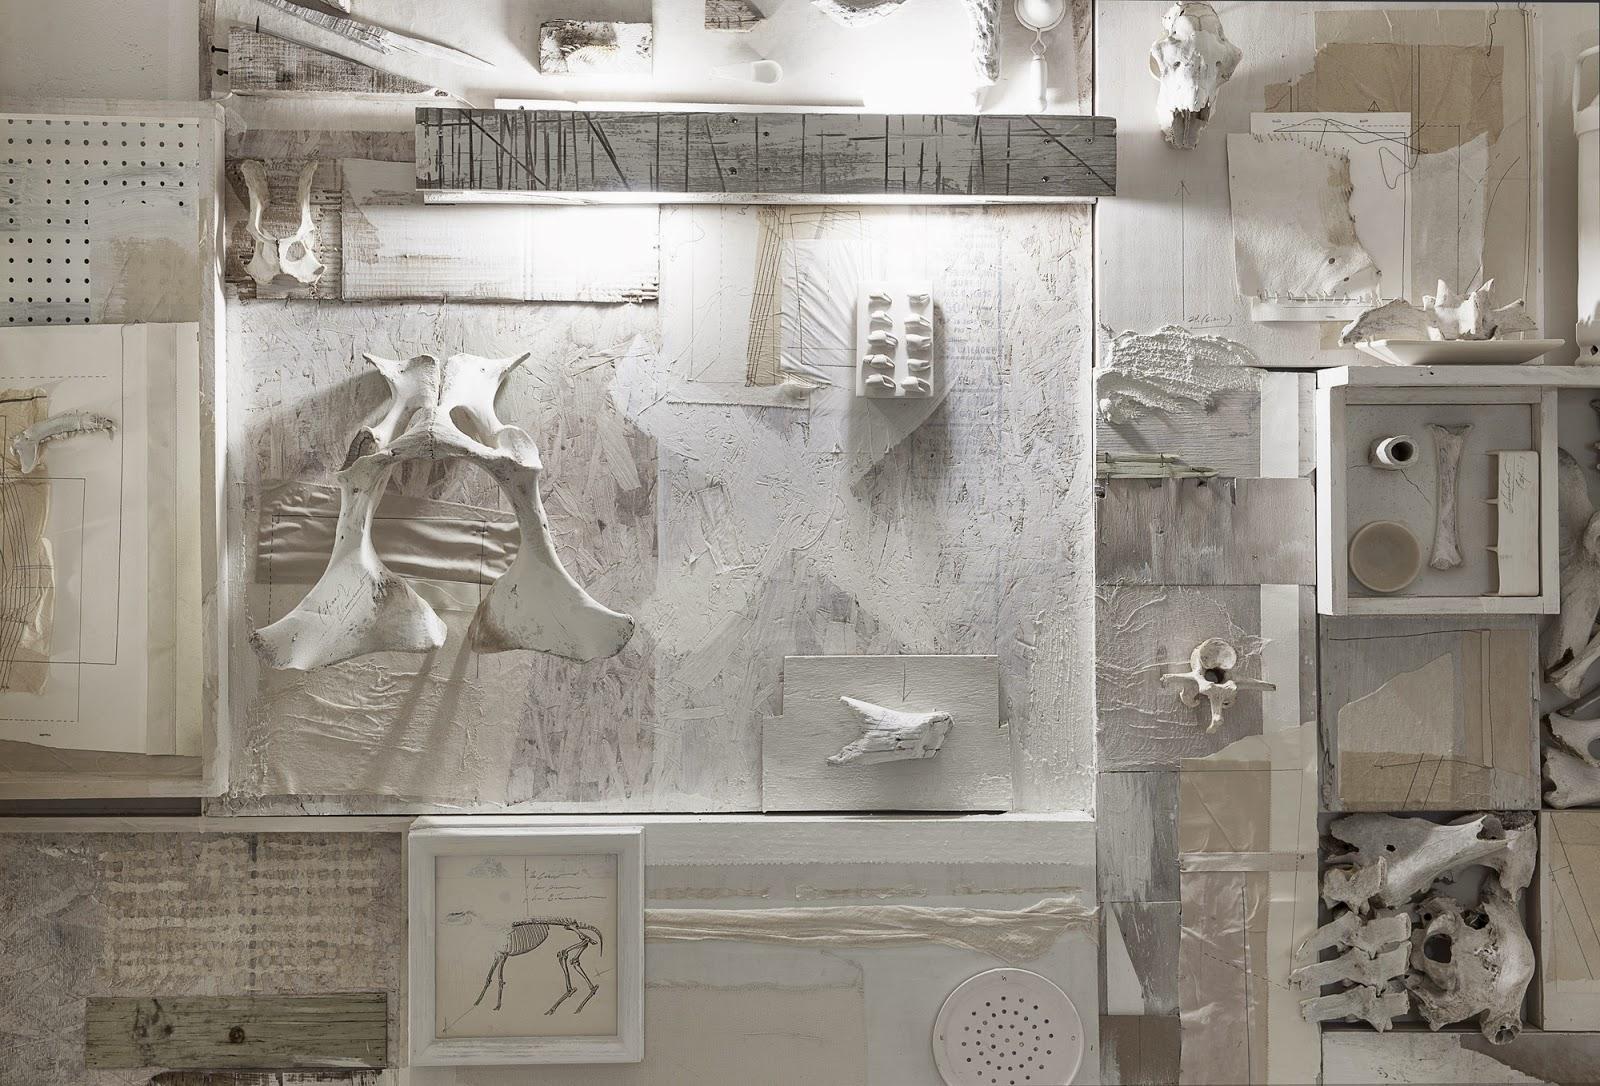 gaya-interior-dan-dekorasi-unik-ribuan-tulang-hewan-di-rumah-makan-Hueso-013